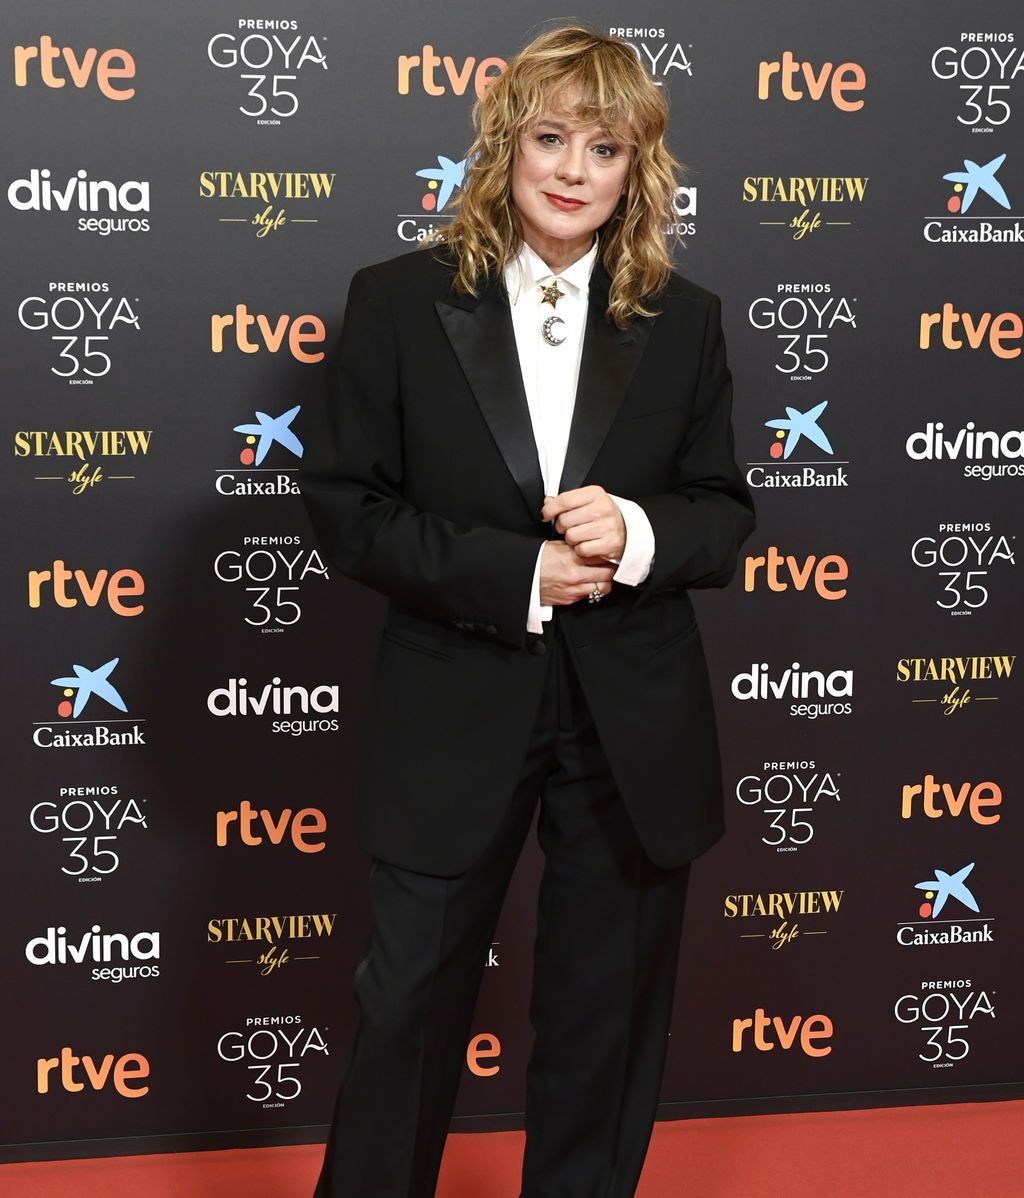 Emma Suárez en la alfombra roja de los Premios Goya 2021